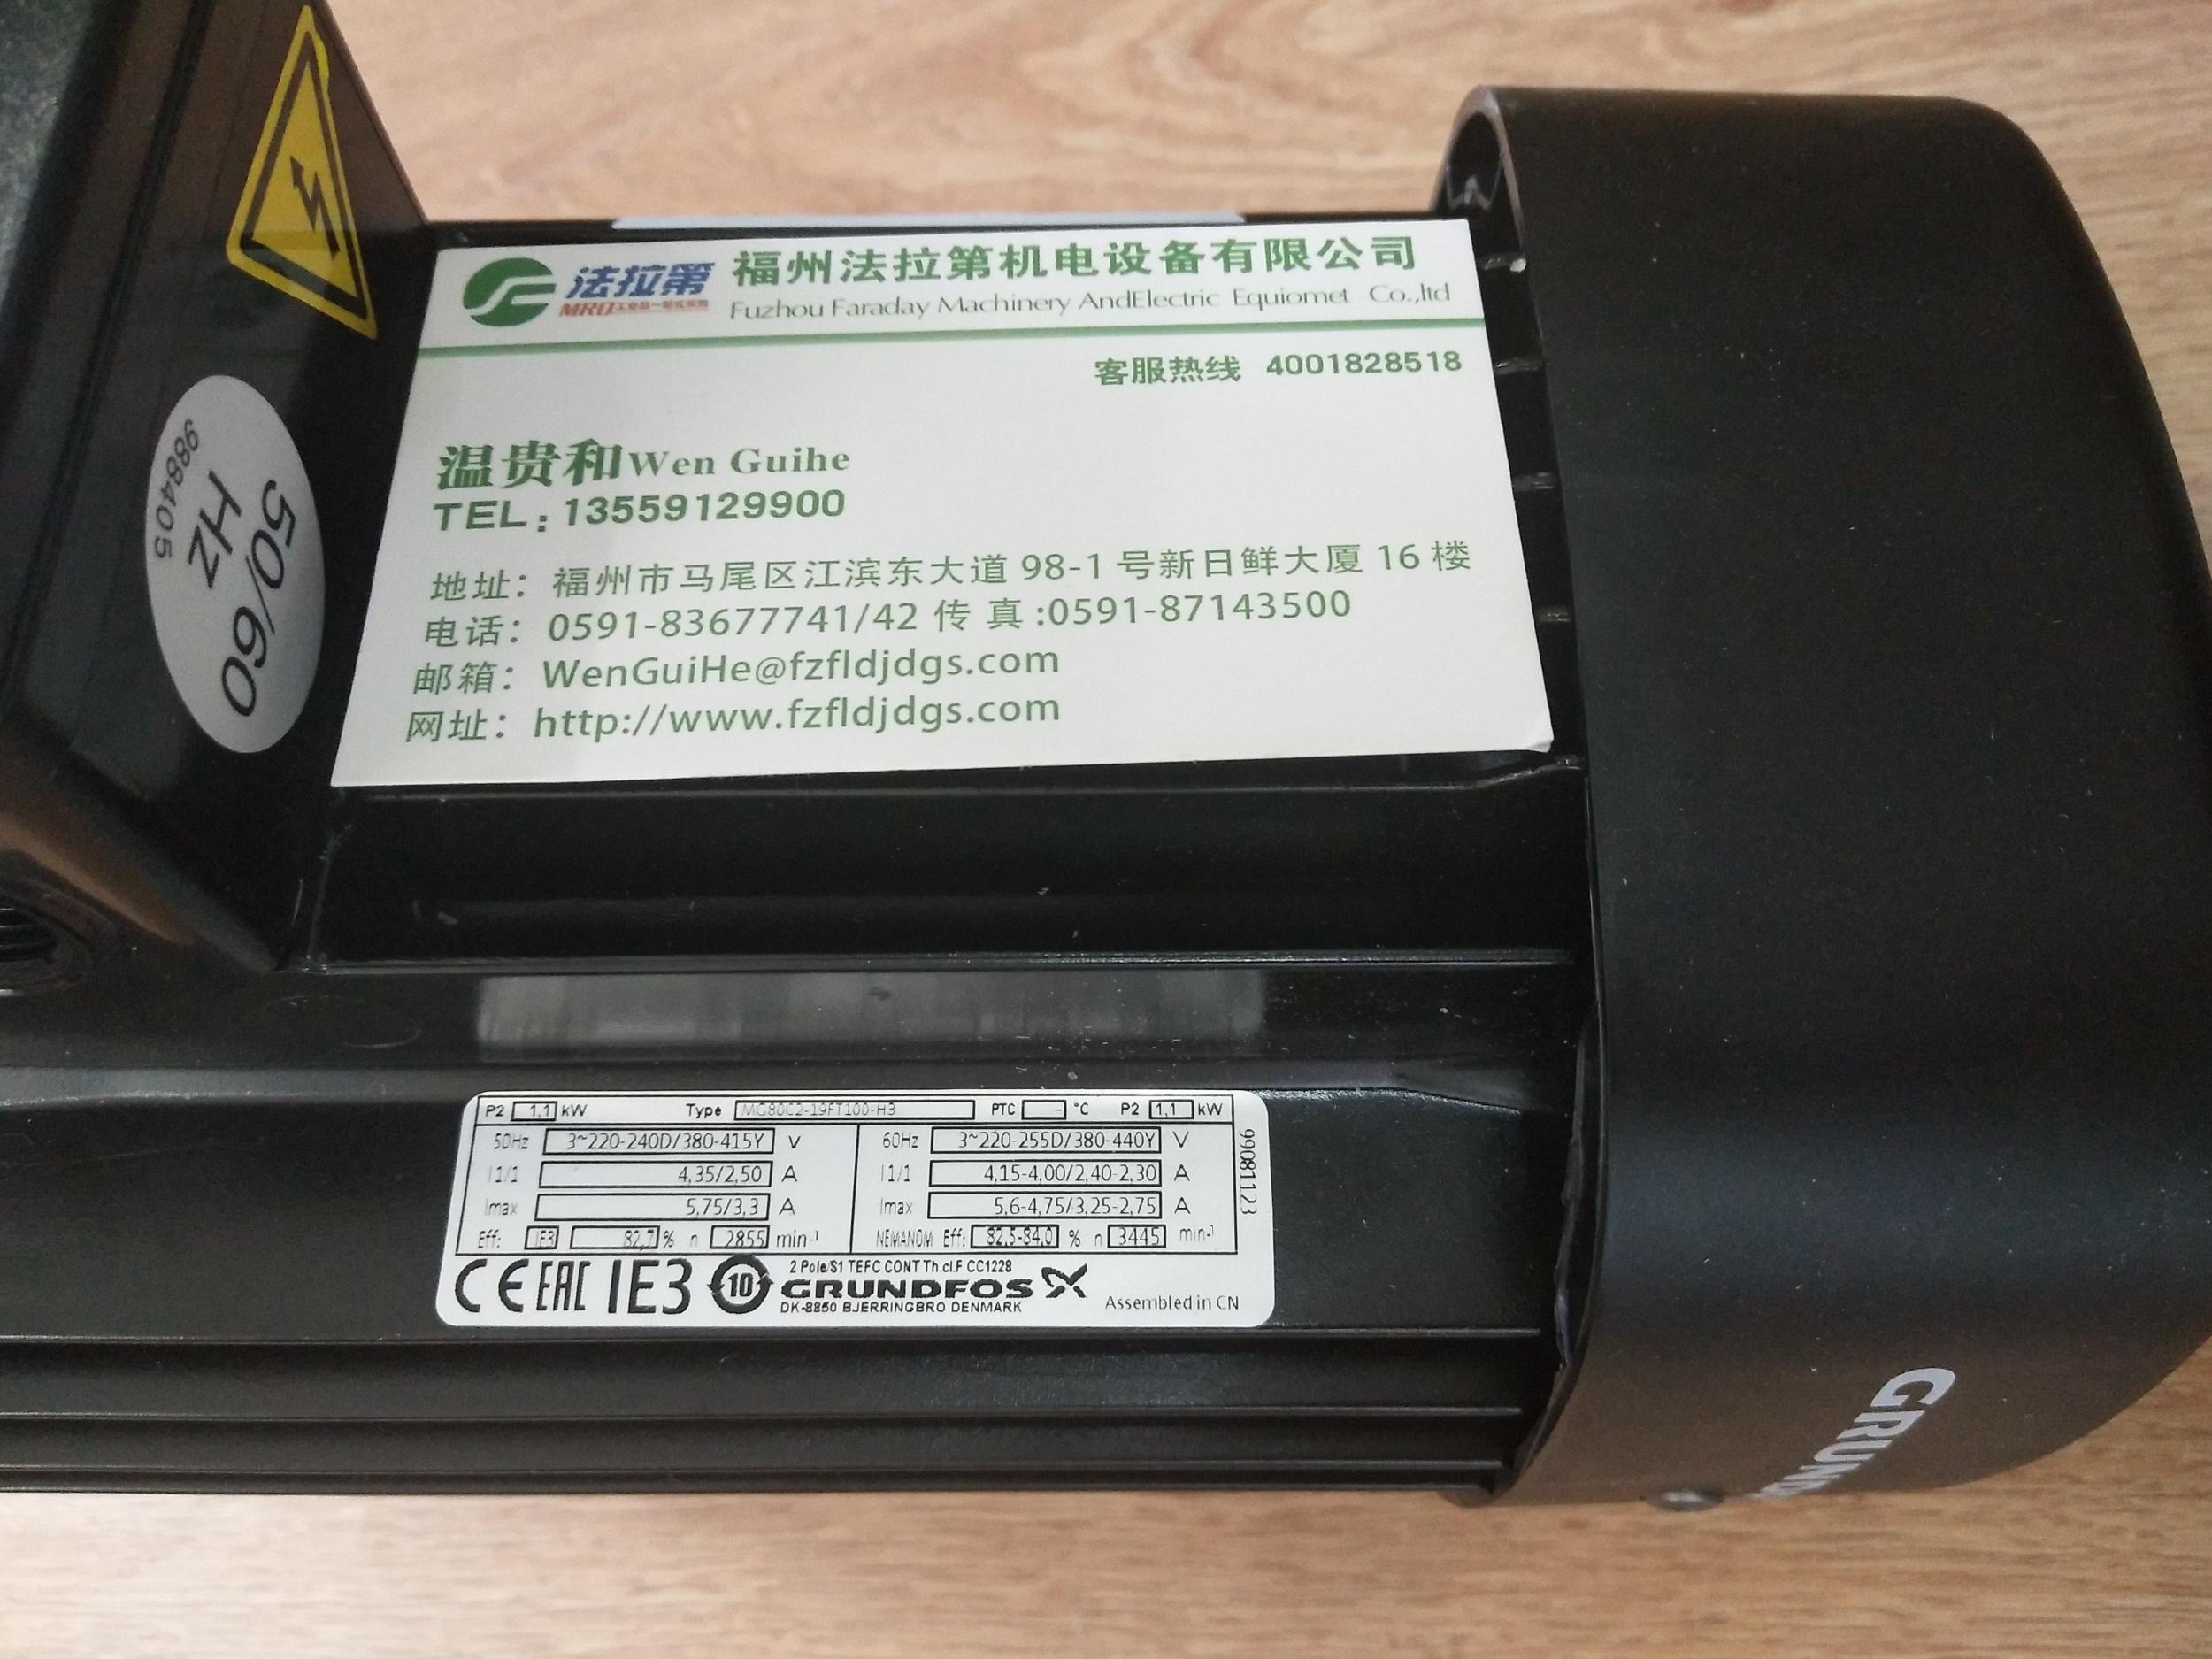 GRUNDFOS水泵MG80C2-19FT100-H3 2021年6月上旬到货